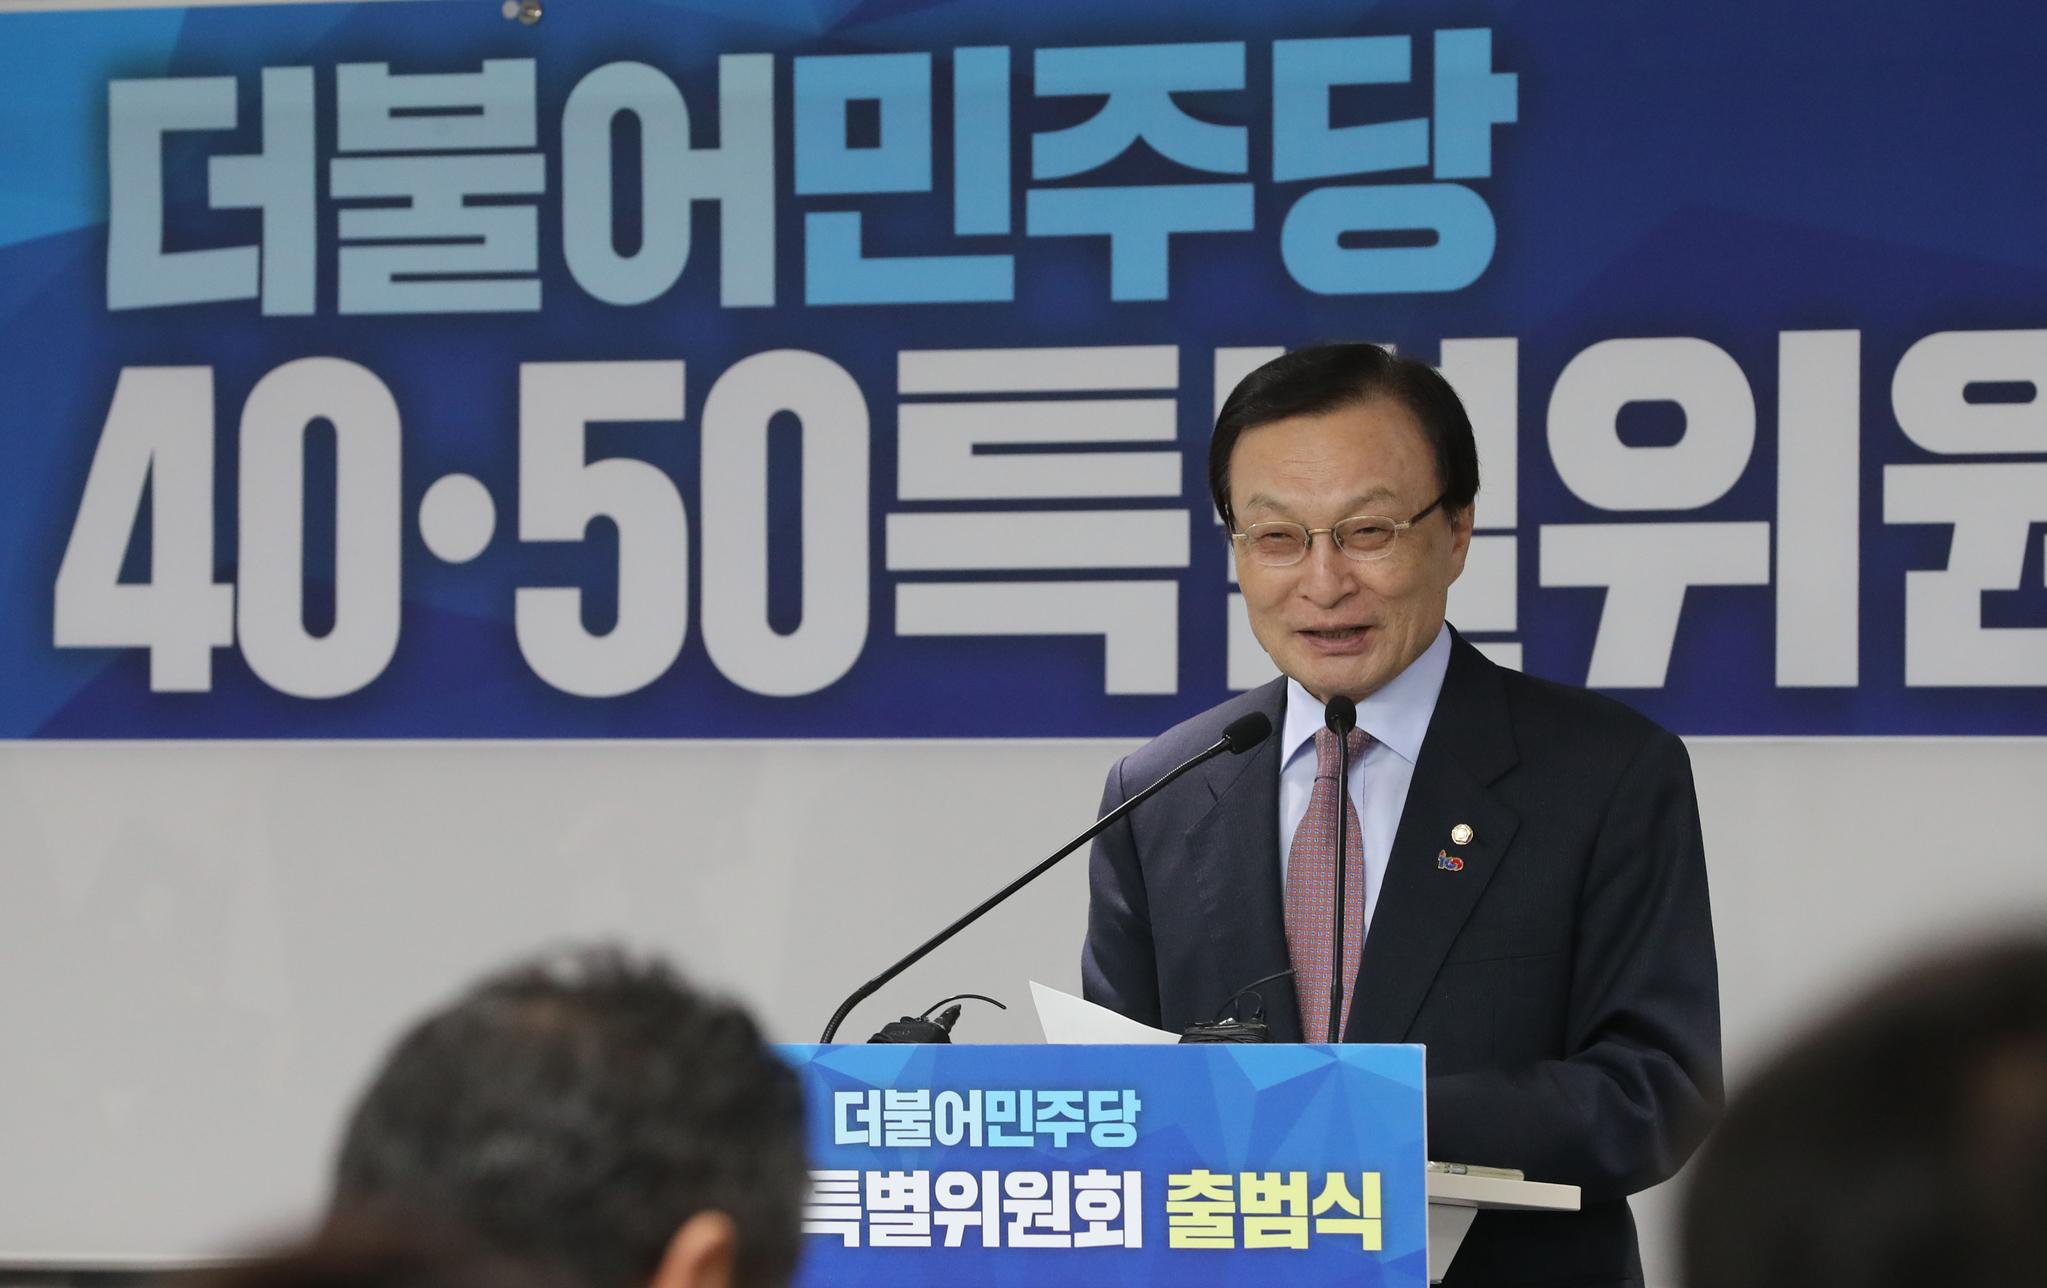 더불어민주당 이해찬 대표가 21일 서울 여의도 당사에서 열린 40·50특별위원회 출범식에서 축사를 하고 있다. [연합뉴스]